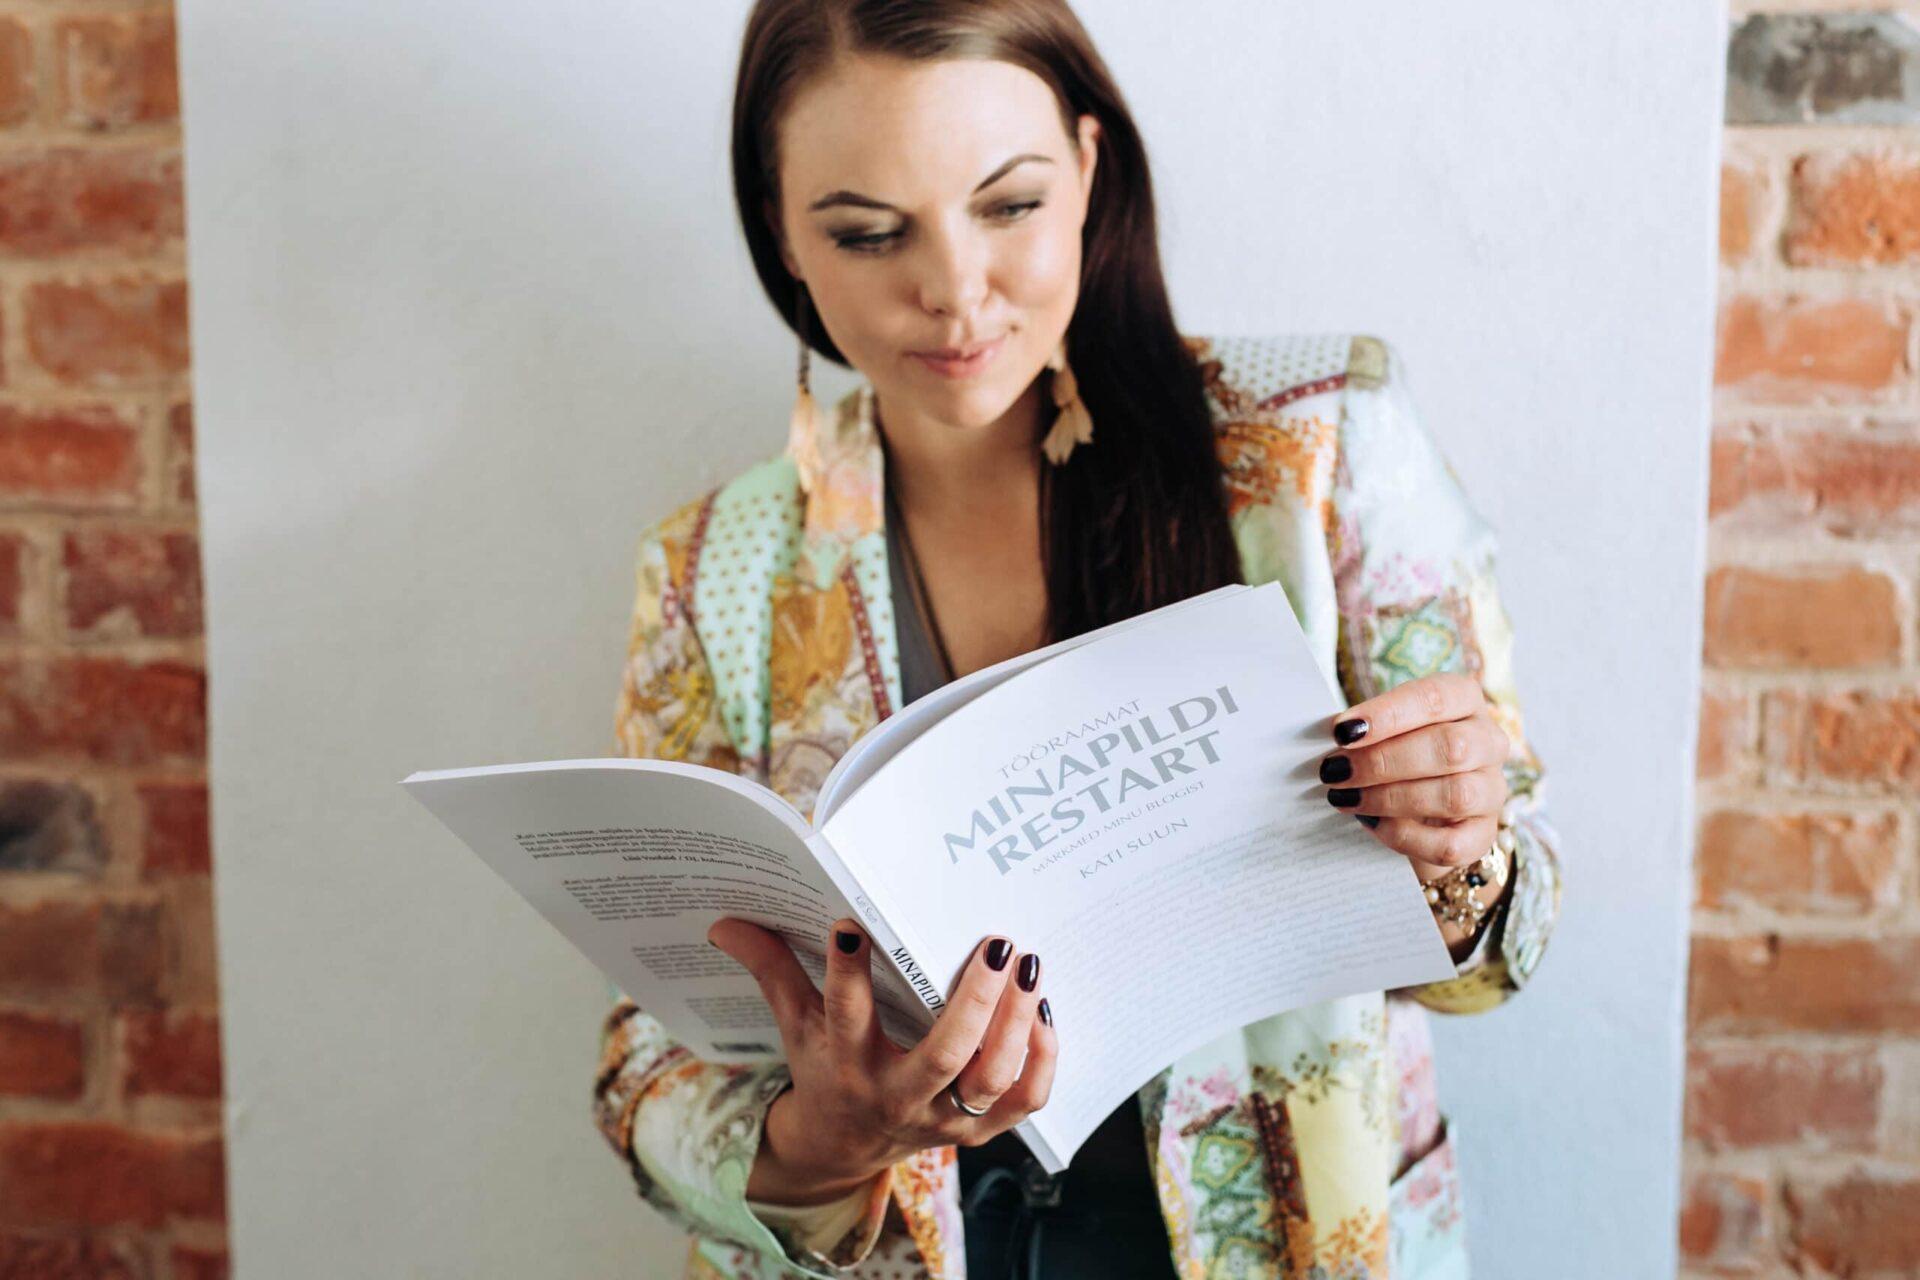 KATI SUUN - autor ja teadliku mõtteviisi mentor